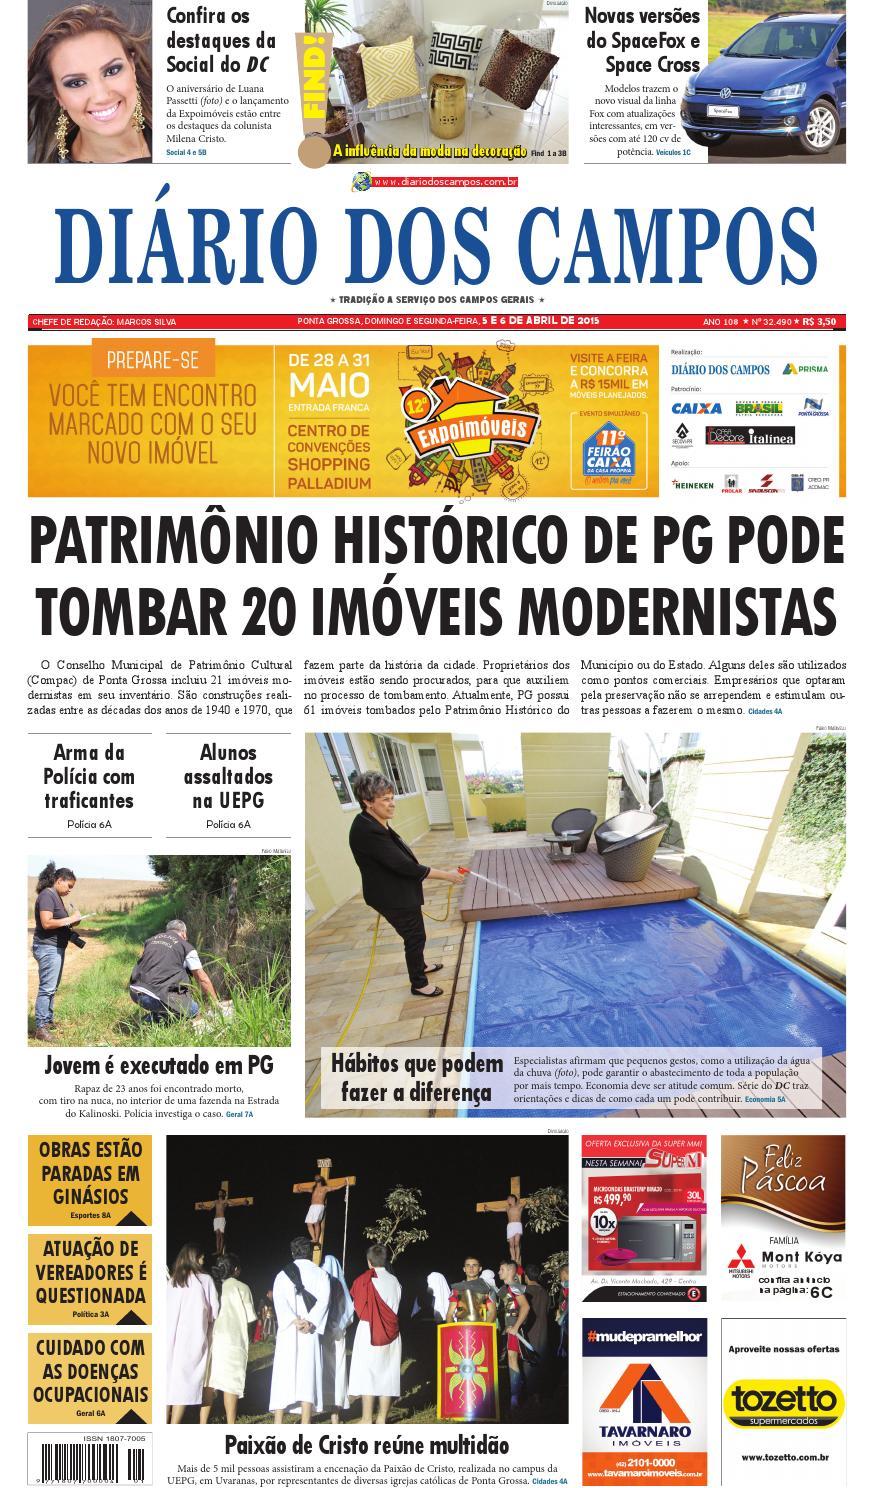 ab9bf4c871 Ed32490 by Diário dos Campos - issuu